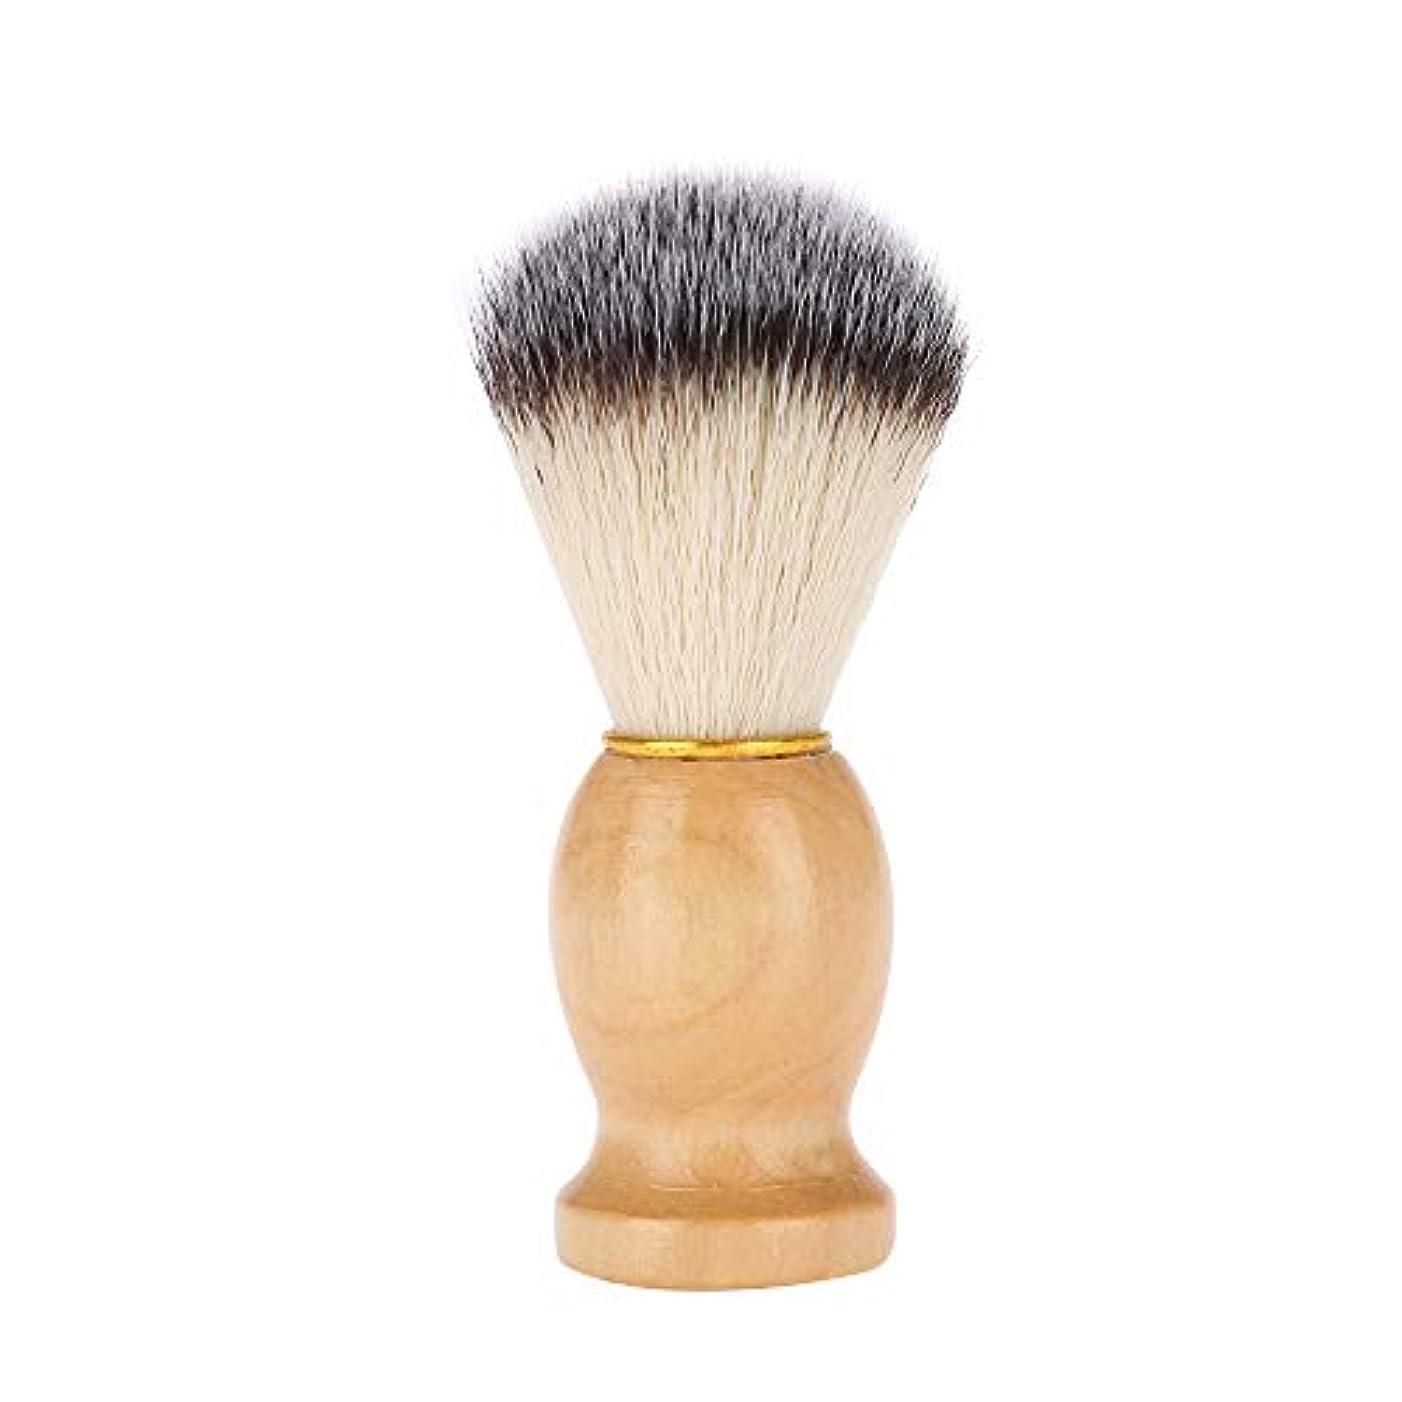 優先権潜水艦ロゴシェービングブラシ 髭剃りブラシ 木製ハンドル+繊維毛 泡立て ひげ剃りツール メンズ理容ブラシ